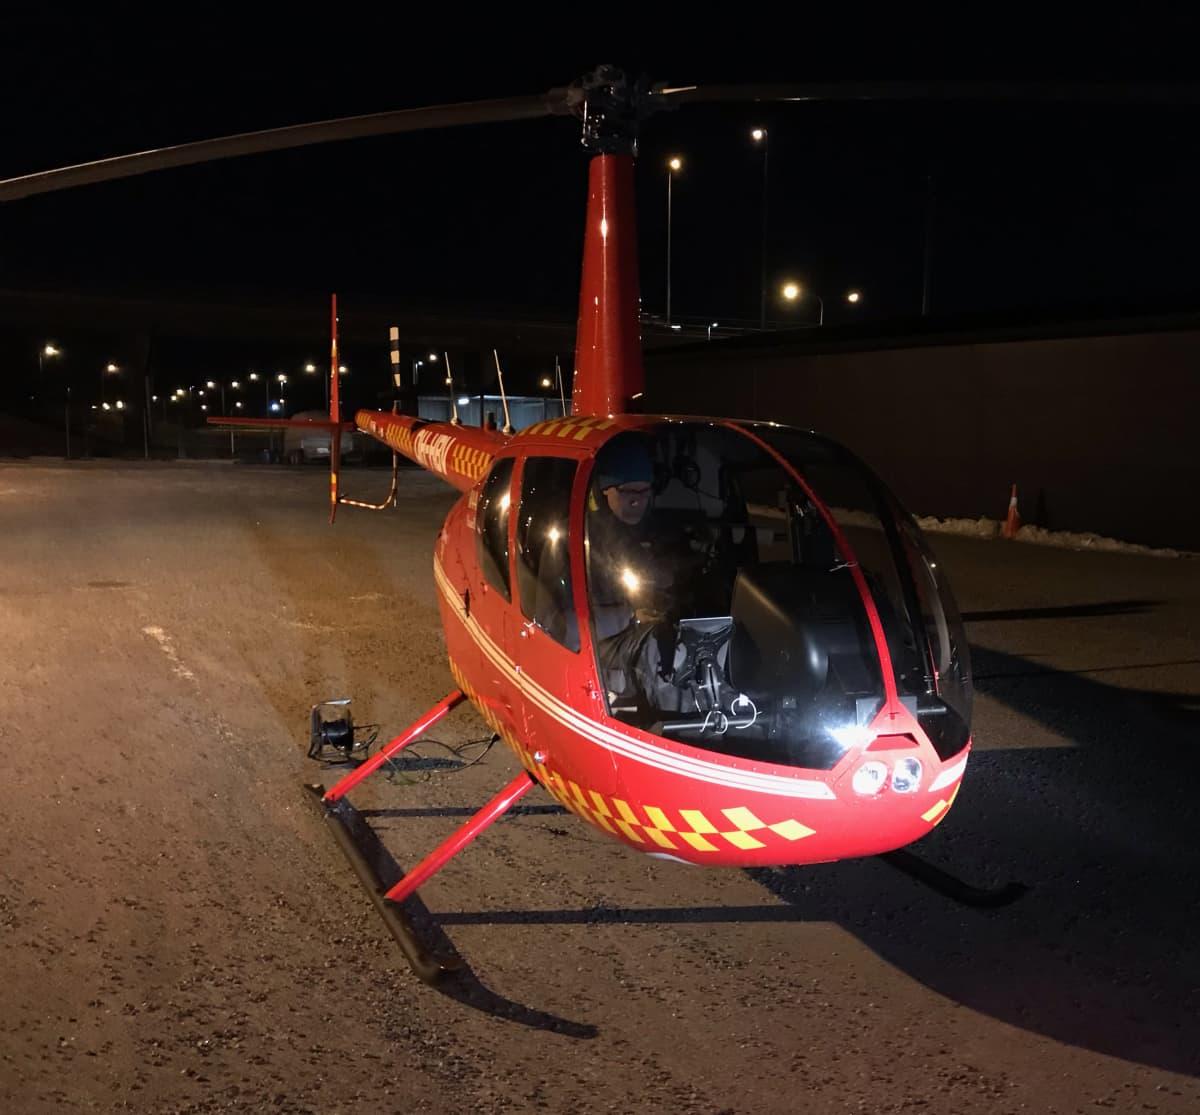 Kaukolämpöverkkoa kuvattiin Turun seudulla helikopterista käsin.